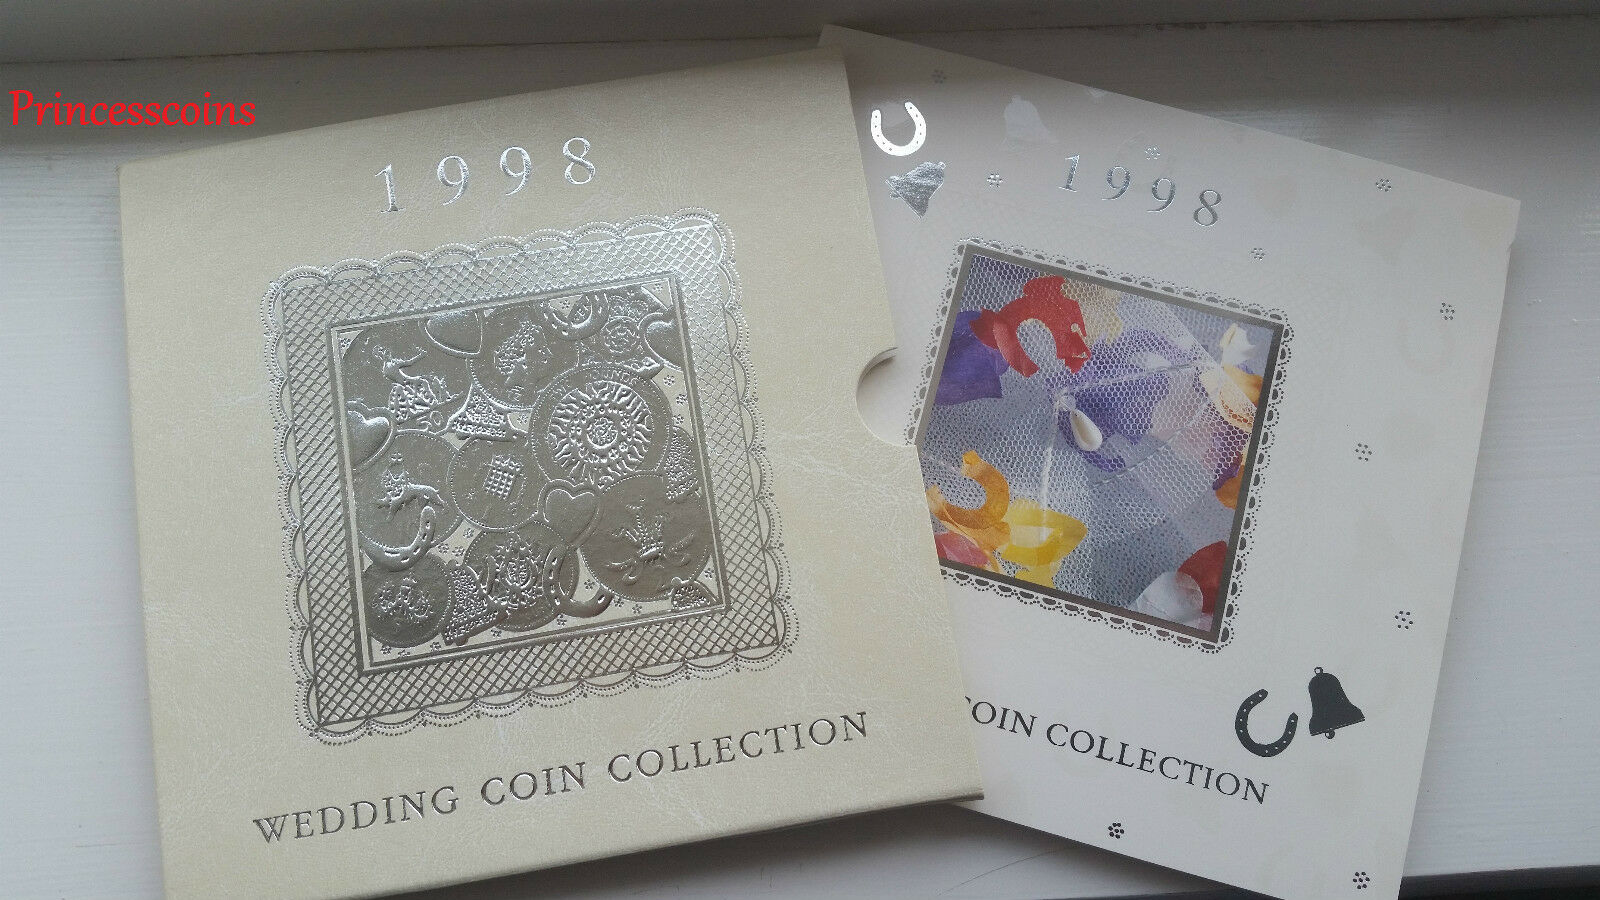 GB 1998 Royal Comme neuf bunc Cadeau Mariage 9 pièces Set-uk 20TH ANNIVERSAIRE